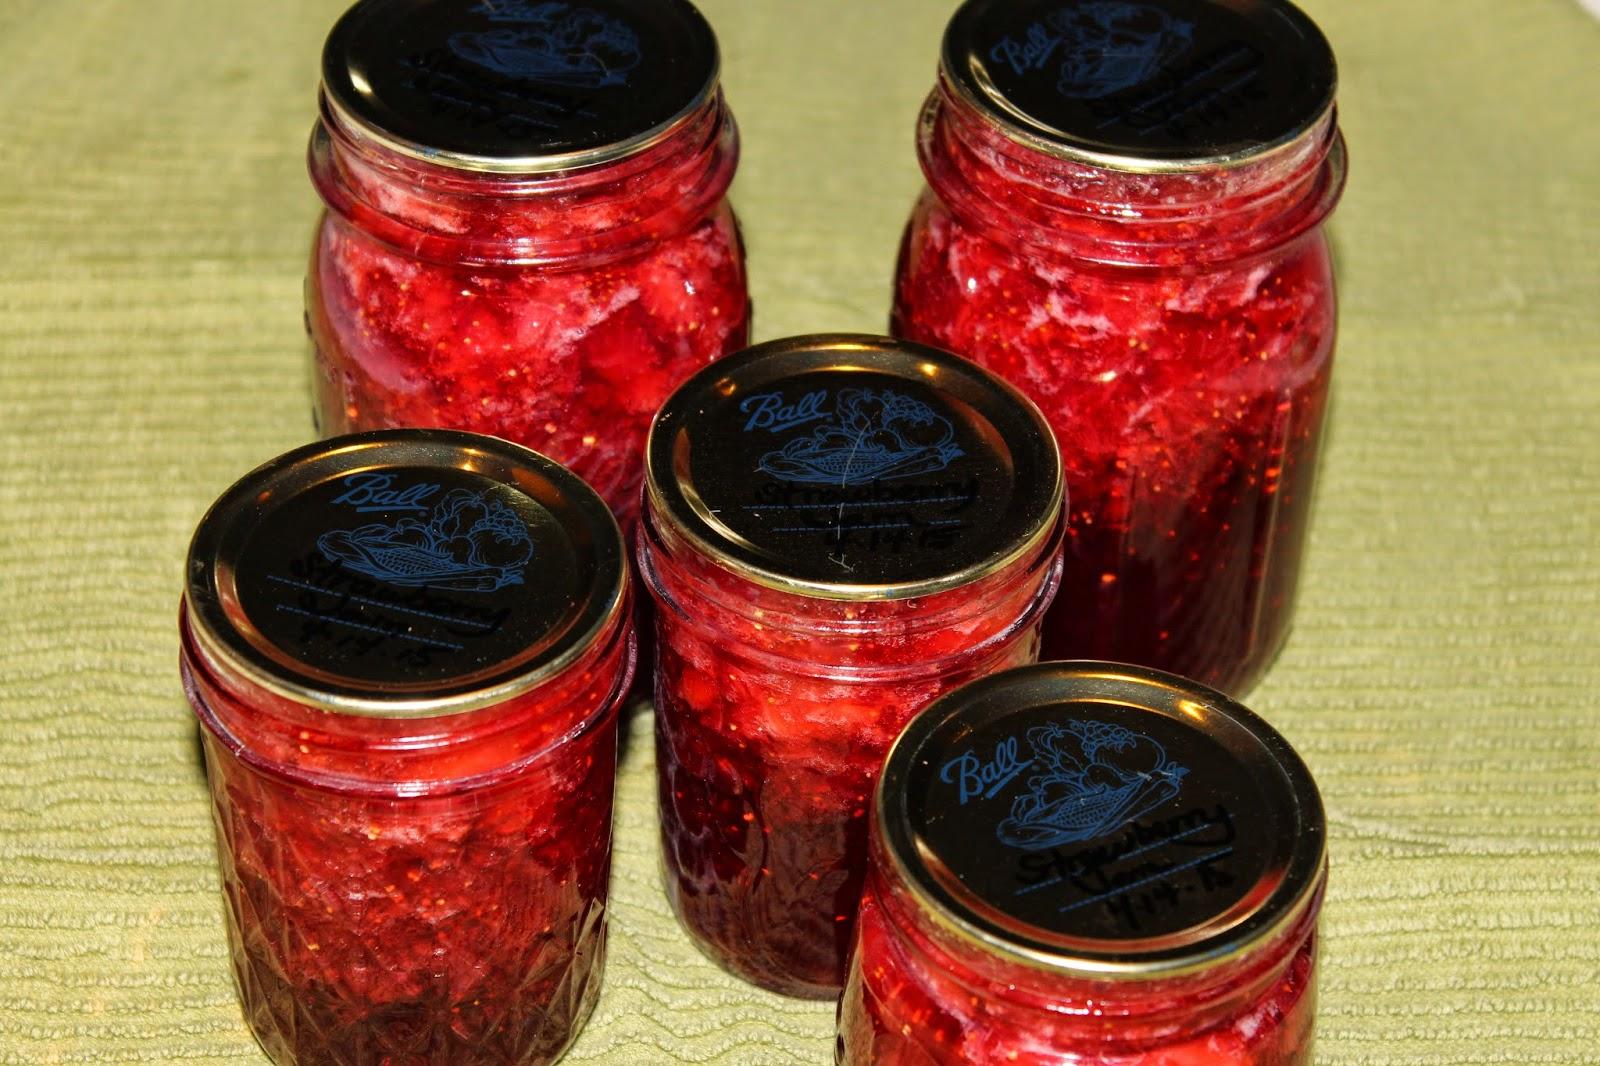 IMG 4478 - Homemade Strawberry Jam